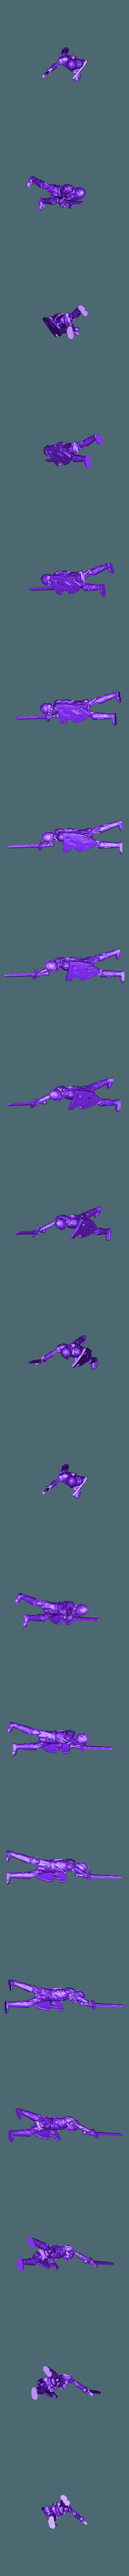 skeleton_warrior_v2.stl Télécharger fichier STL gratuit Skeleton Warrior Miniature version #2 • Design pour impression 3D, Ilhadiel